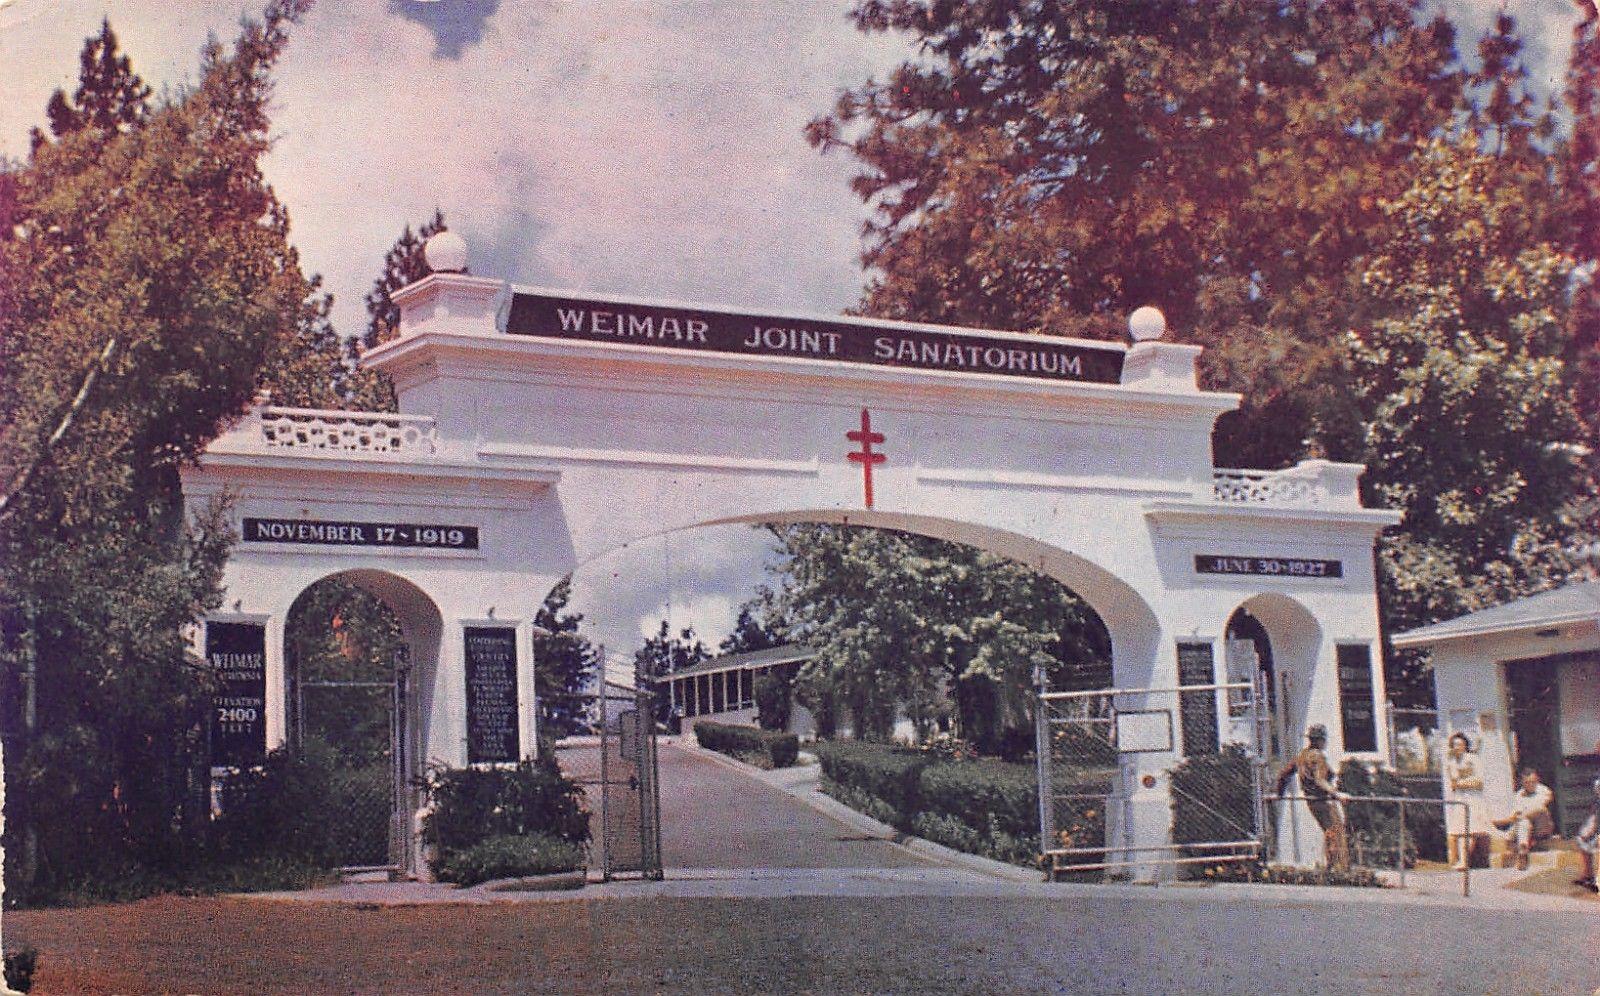 Weimar Joint Sanitorium